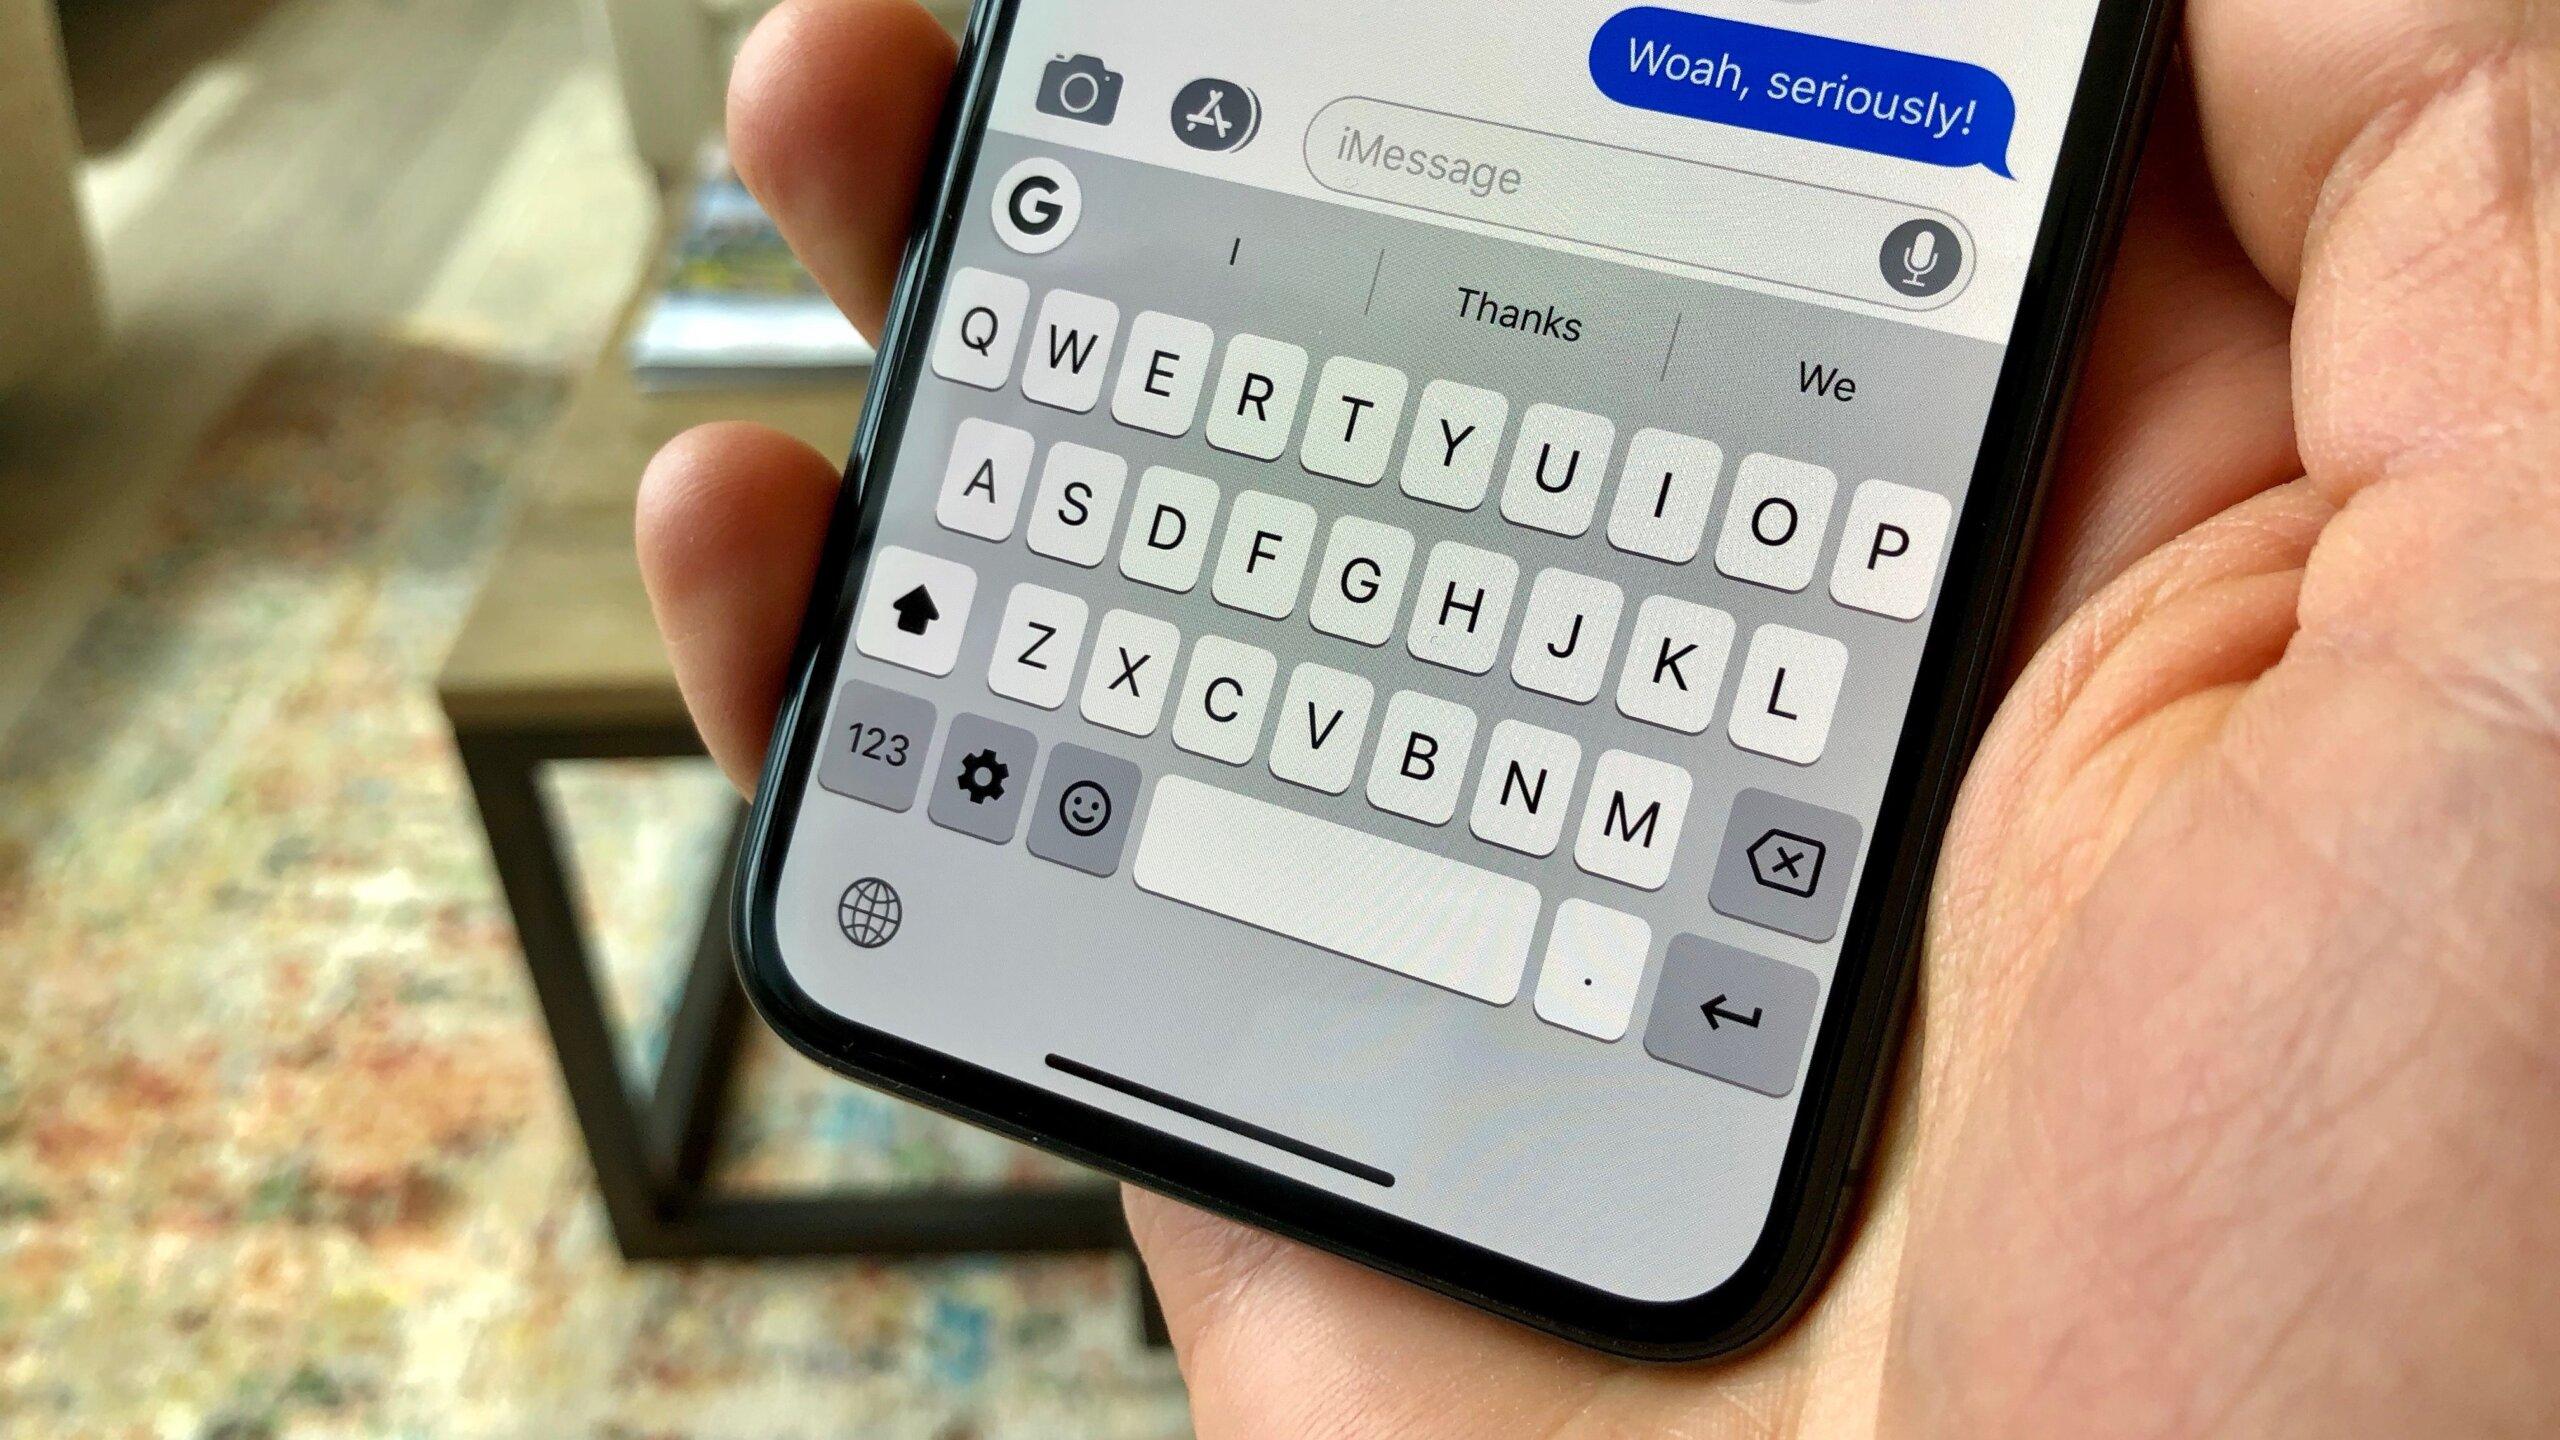 tat bieu tuong micro tren ban phim iphone